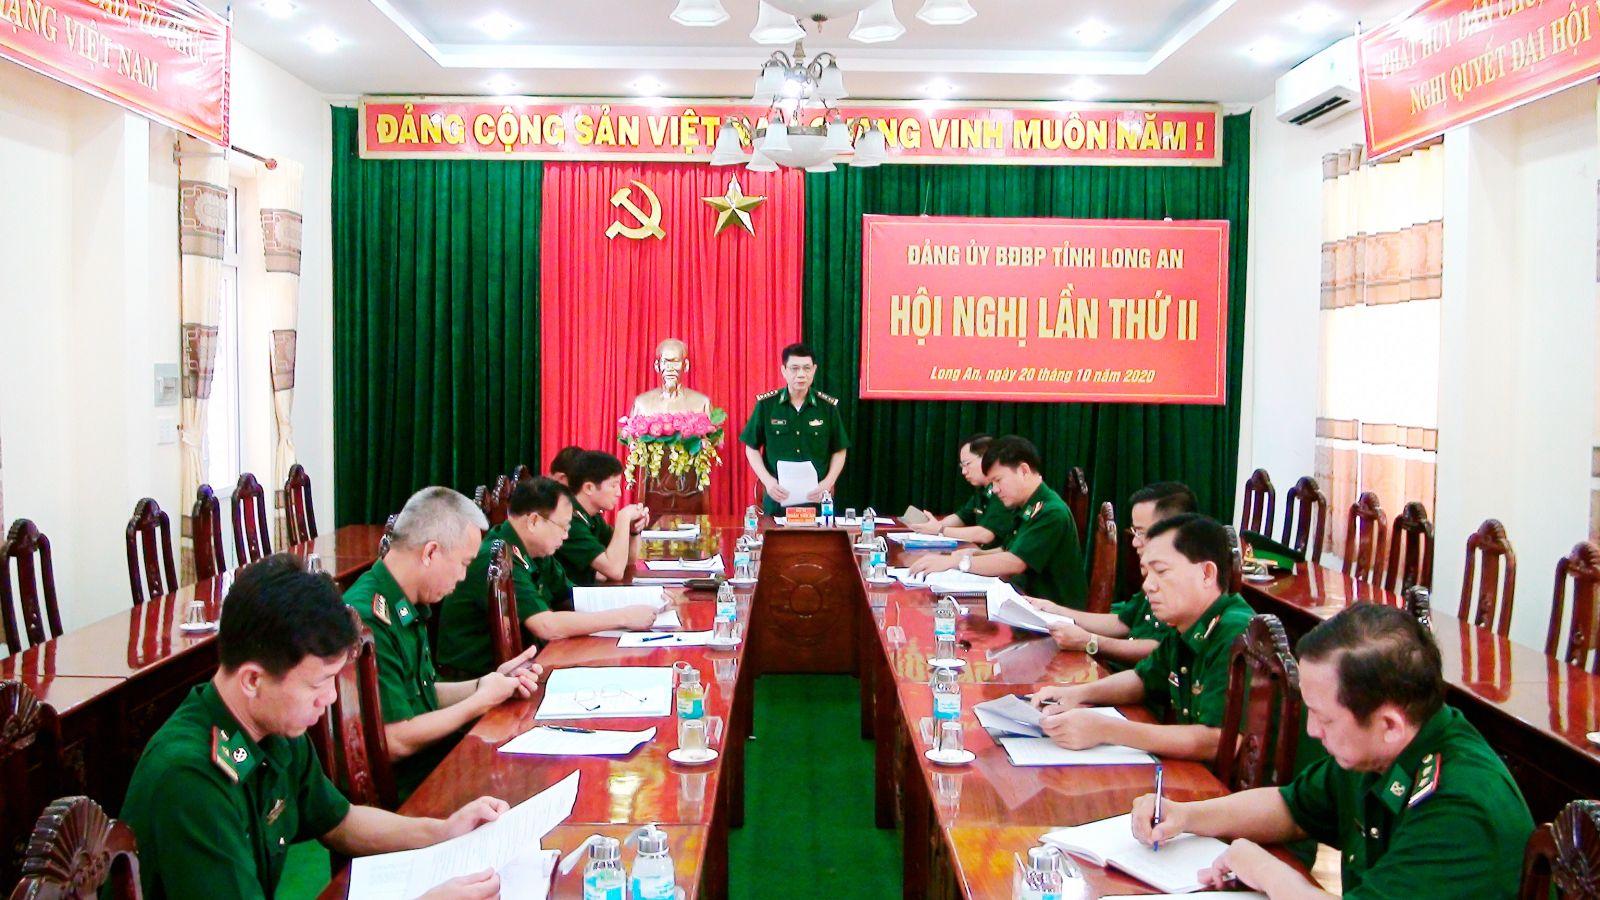 Đại tá Đoàn Văn An - Chính ủy Bộ đội Biên phòng tỉnh, đánh giá cao sự nỗ lực, vượt khó hoàn thành nhiệm vụ của các đơn vị, cán bộ, chiến sĩ